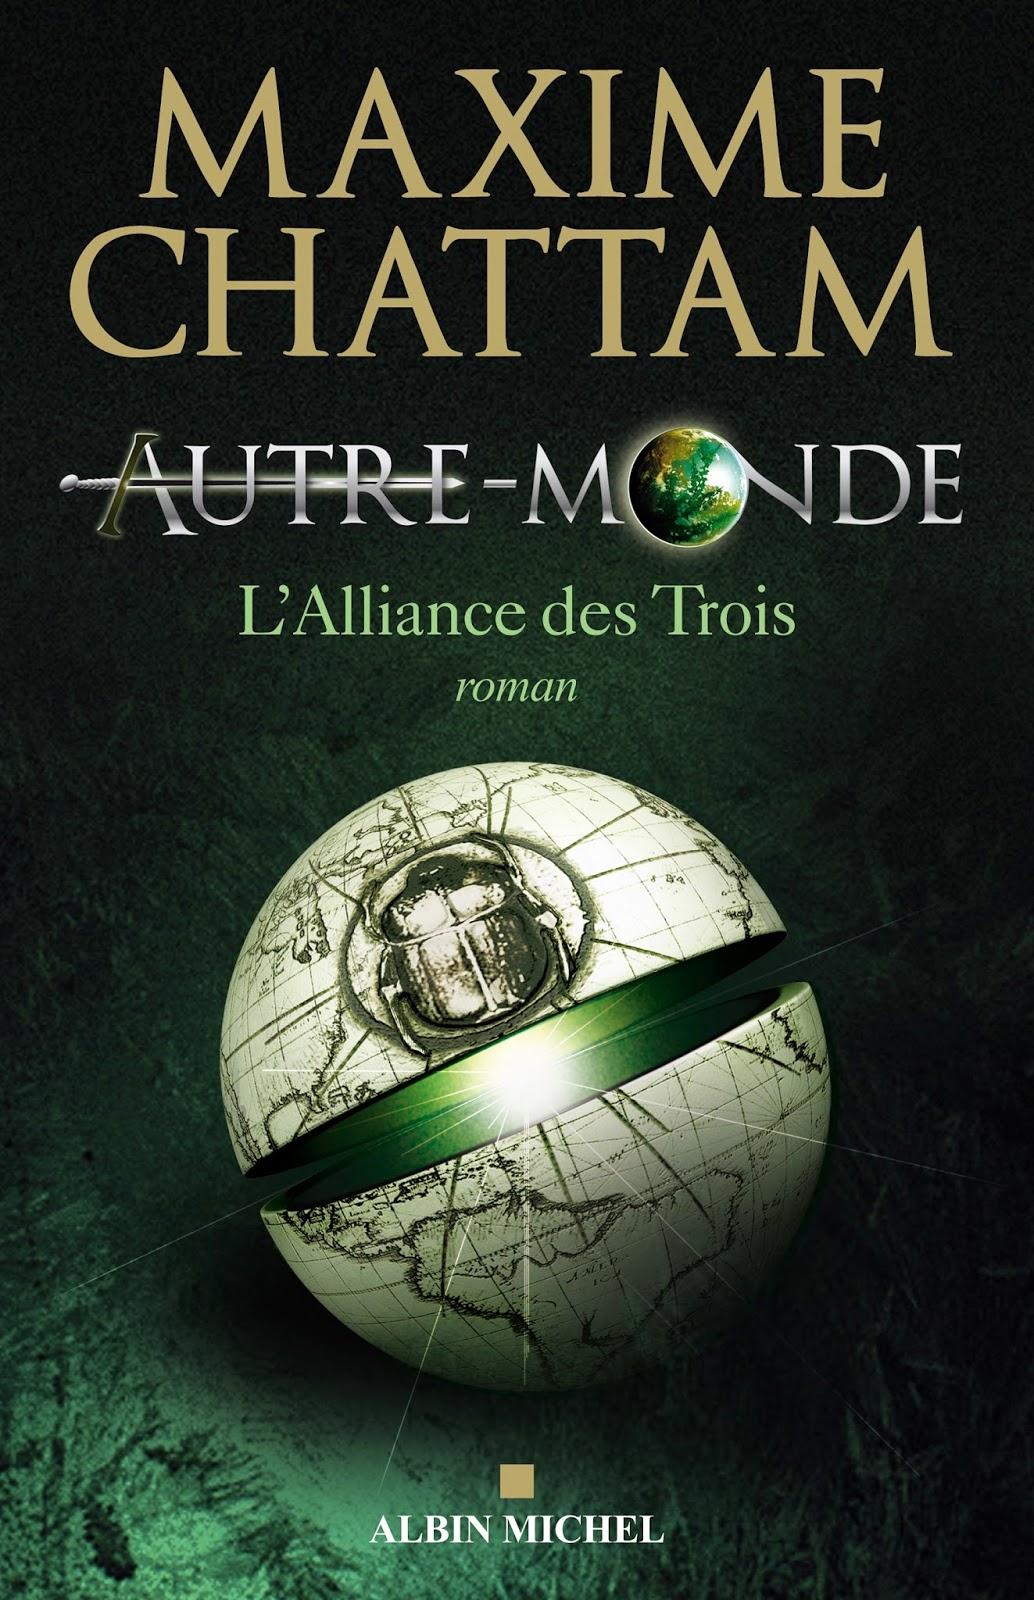 Auteur français de fantasy